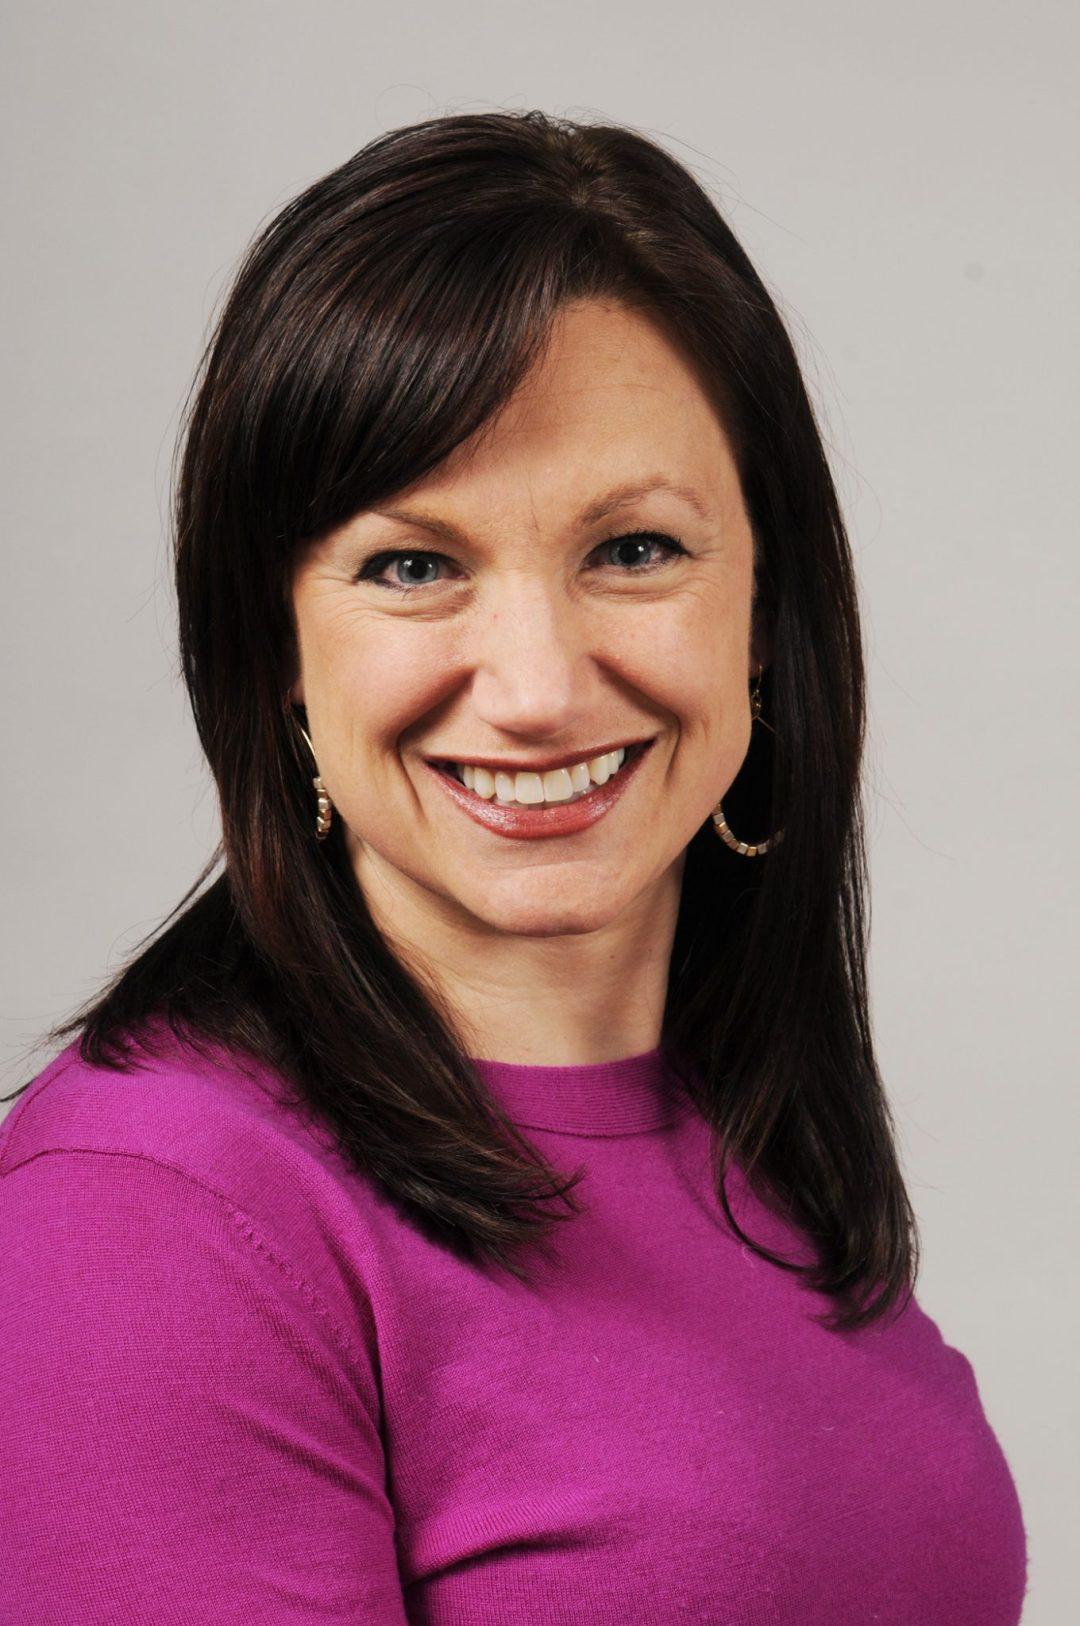 Sara Joyner